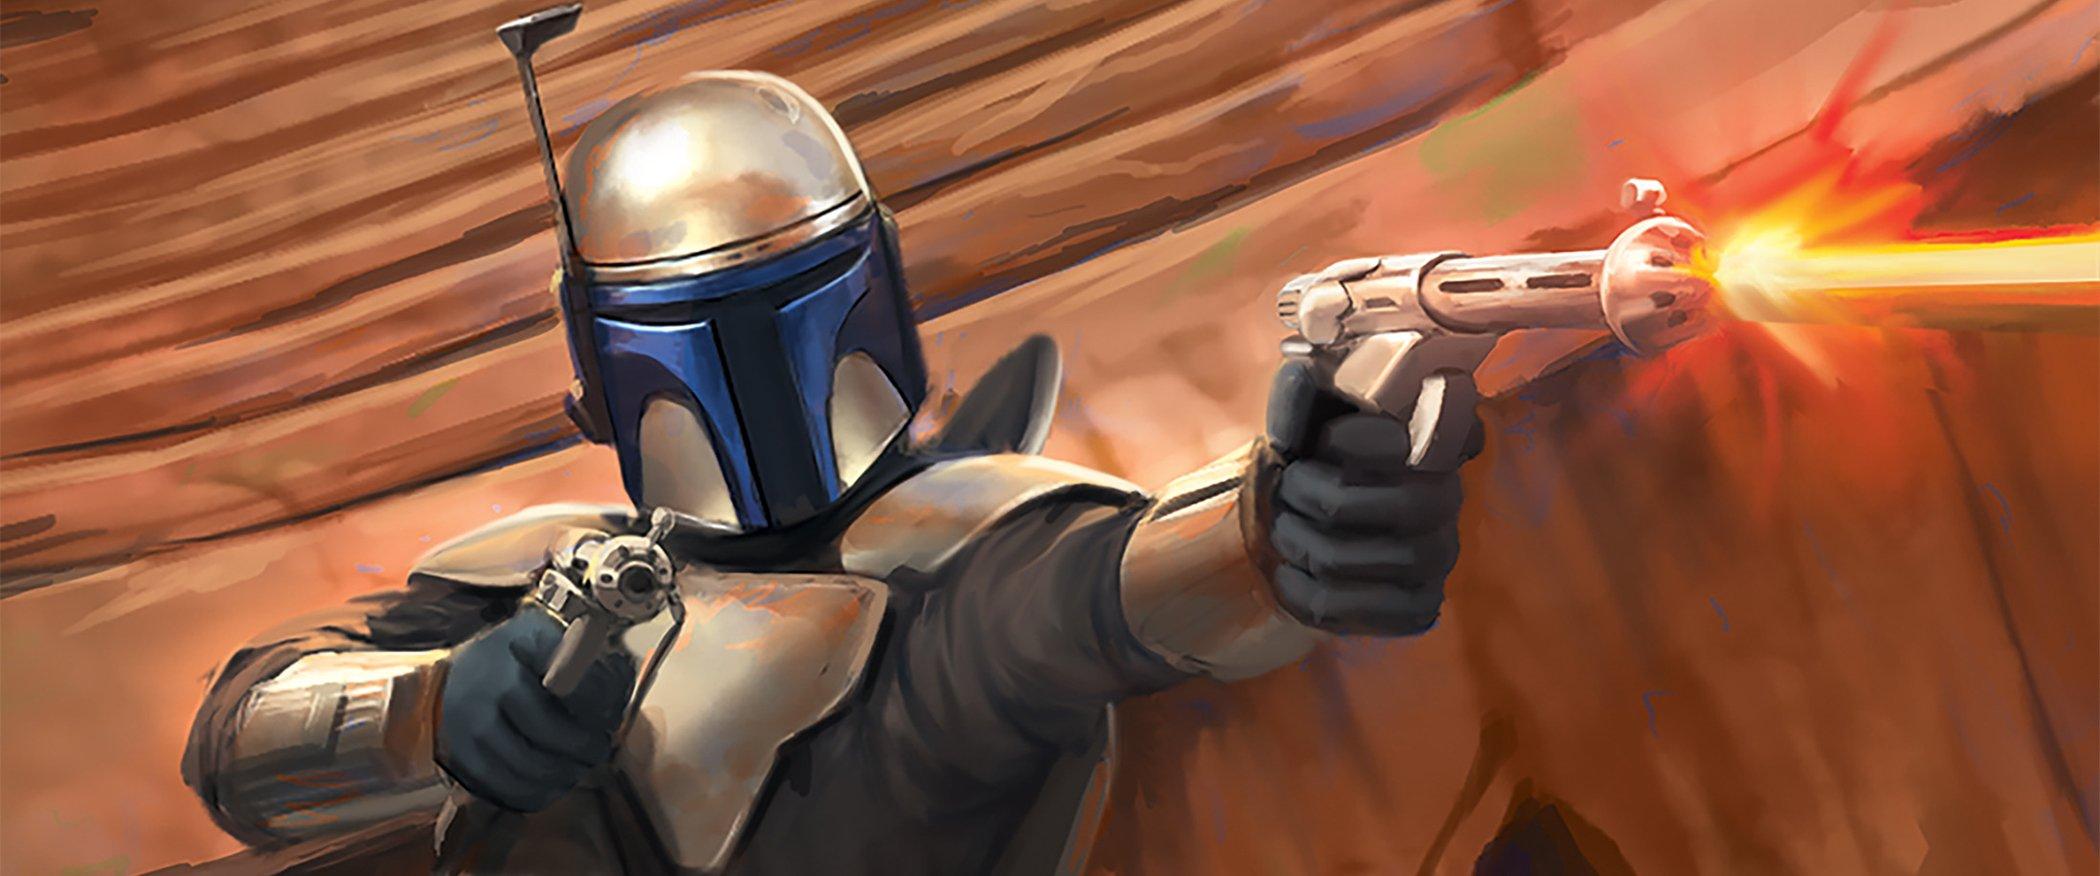 Star Wars II - L'Attaque des Clones